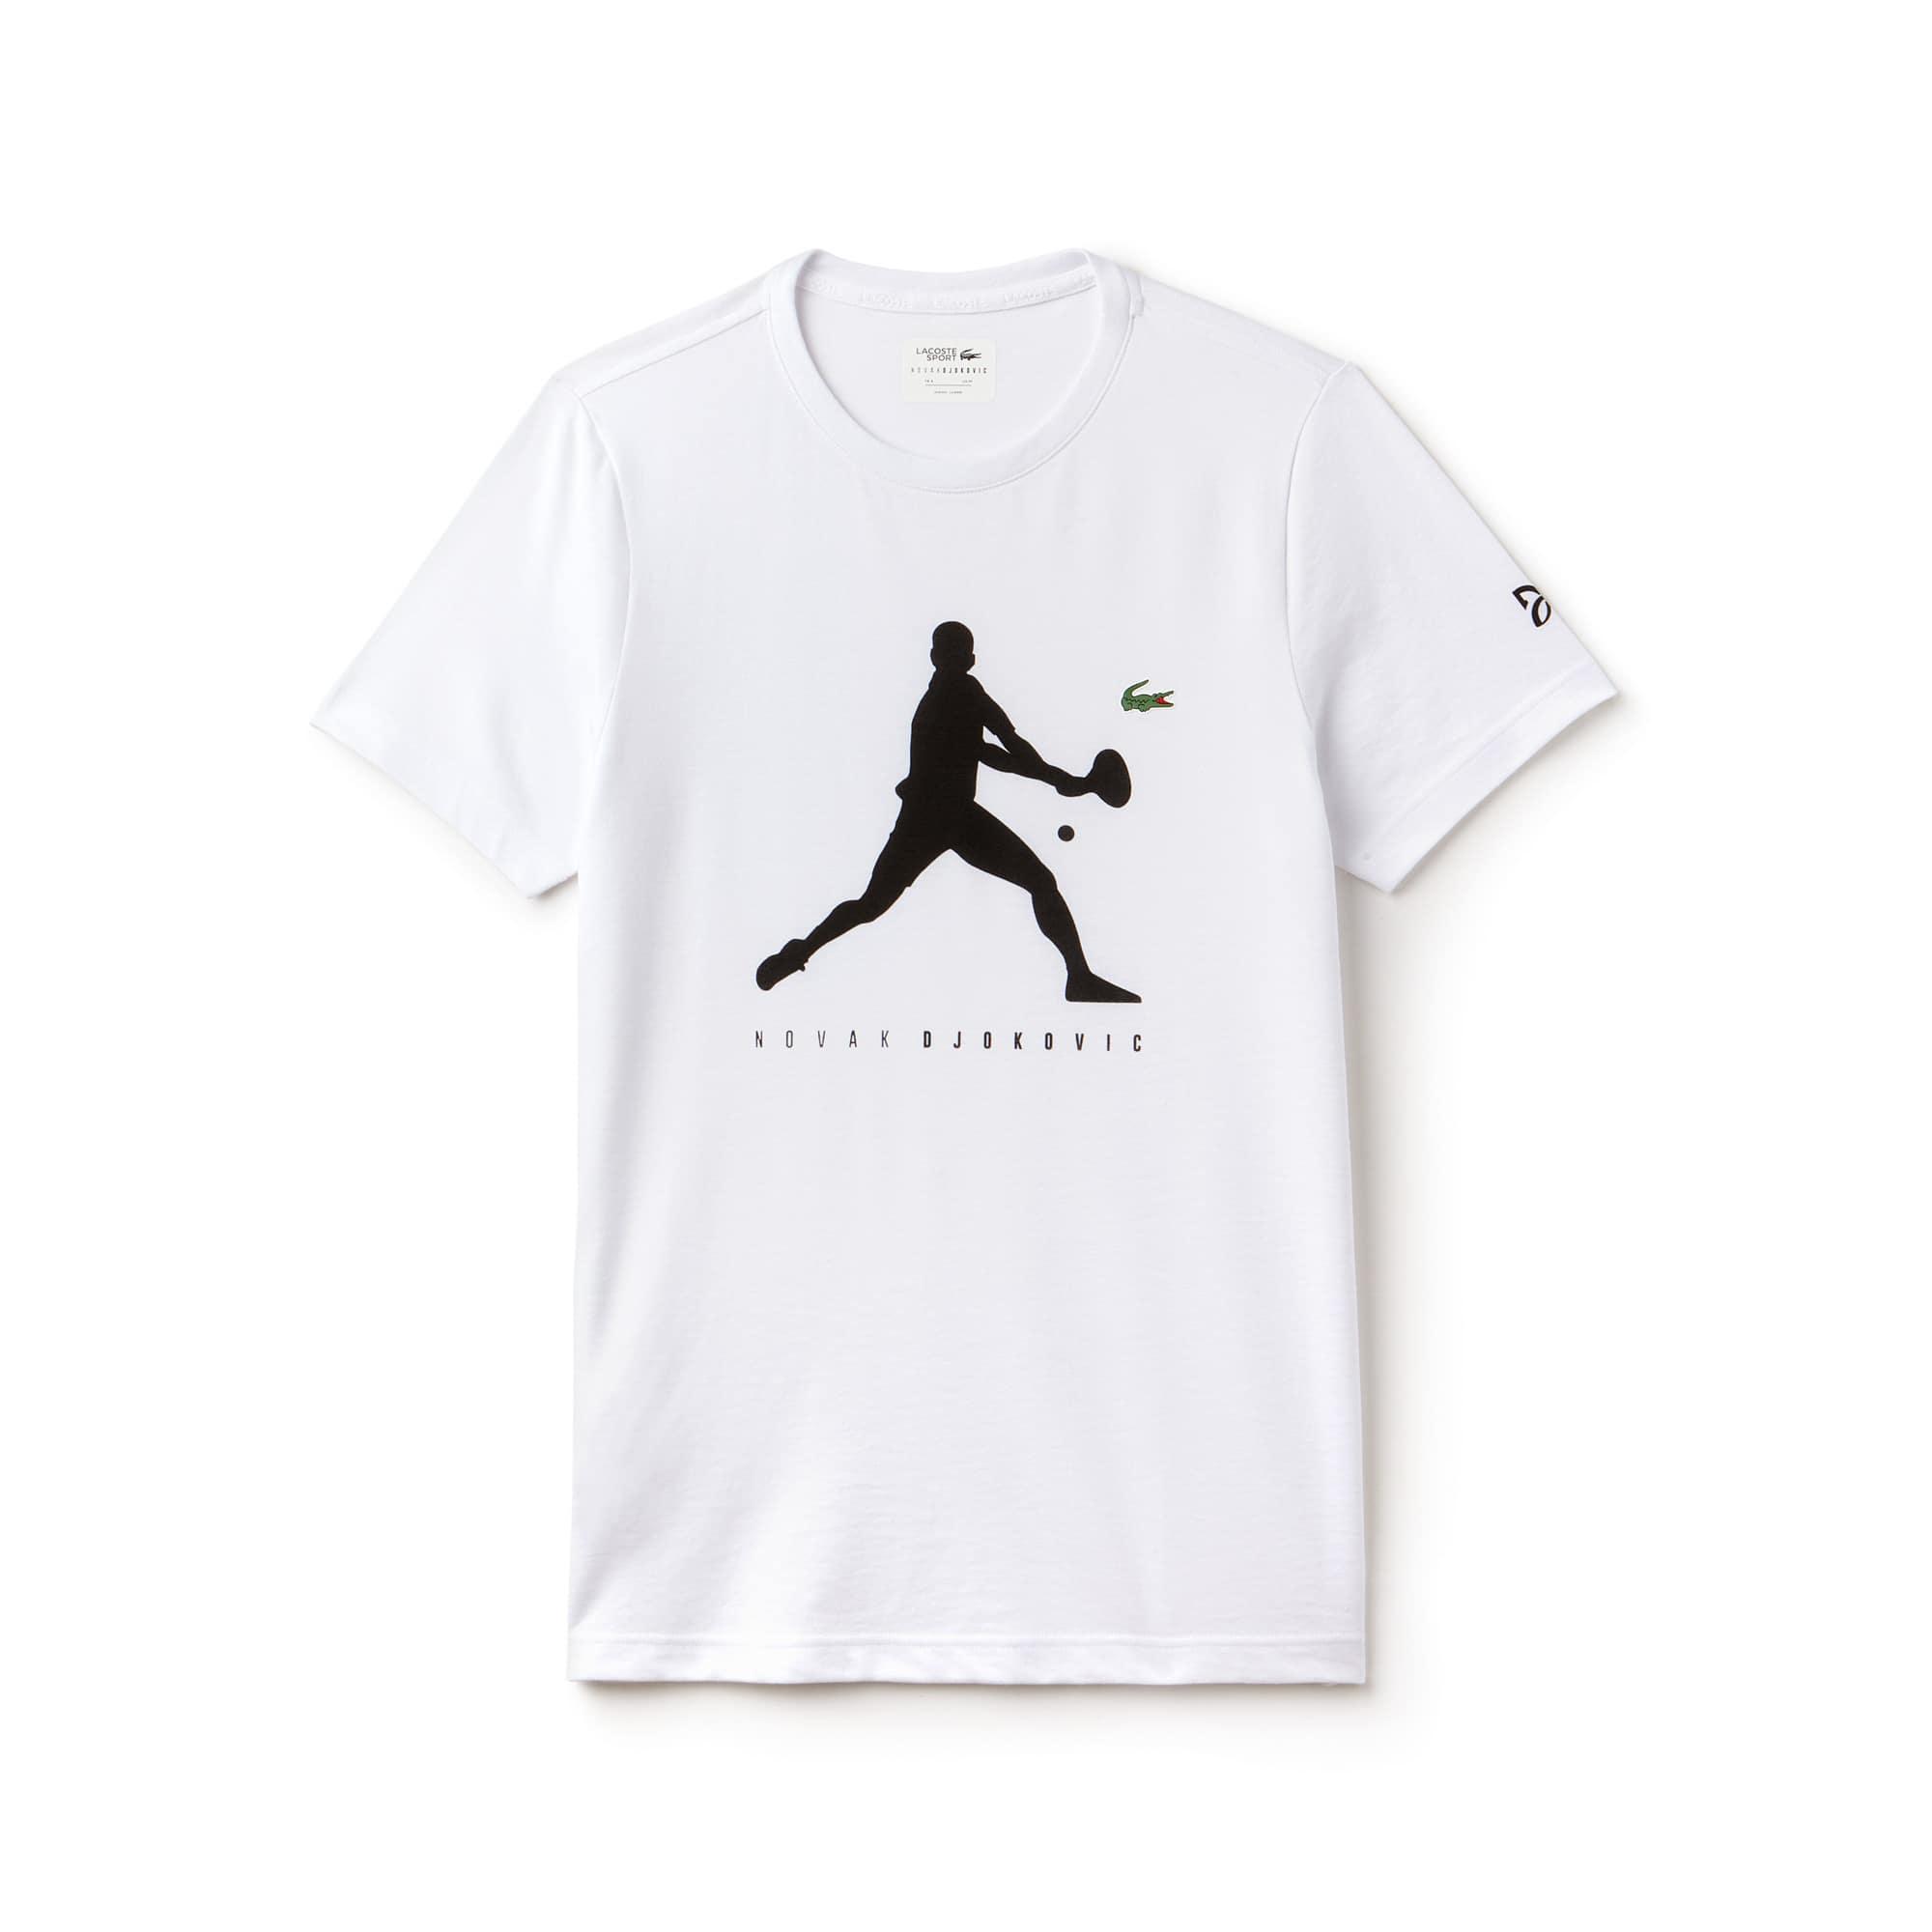 라코스테 Lacoste Mens SPORT Tennis T-Shirt - Novak Djokovic Supporter Collection,white / black